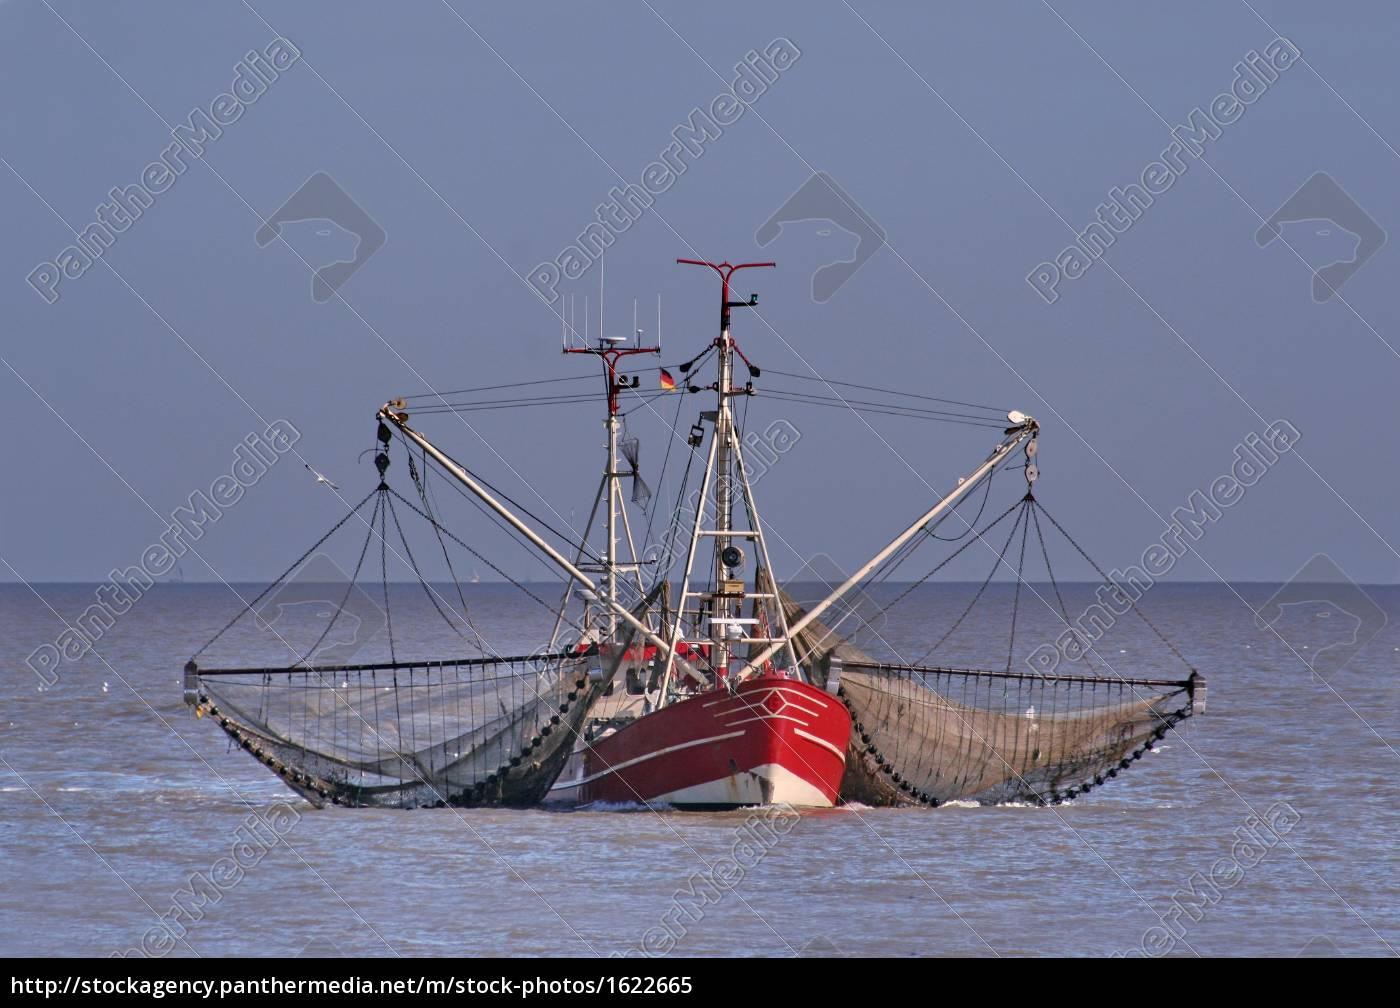 fish, cutter - 1622665